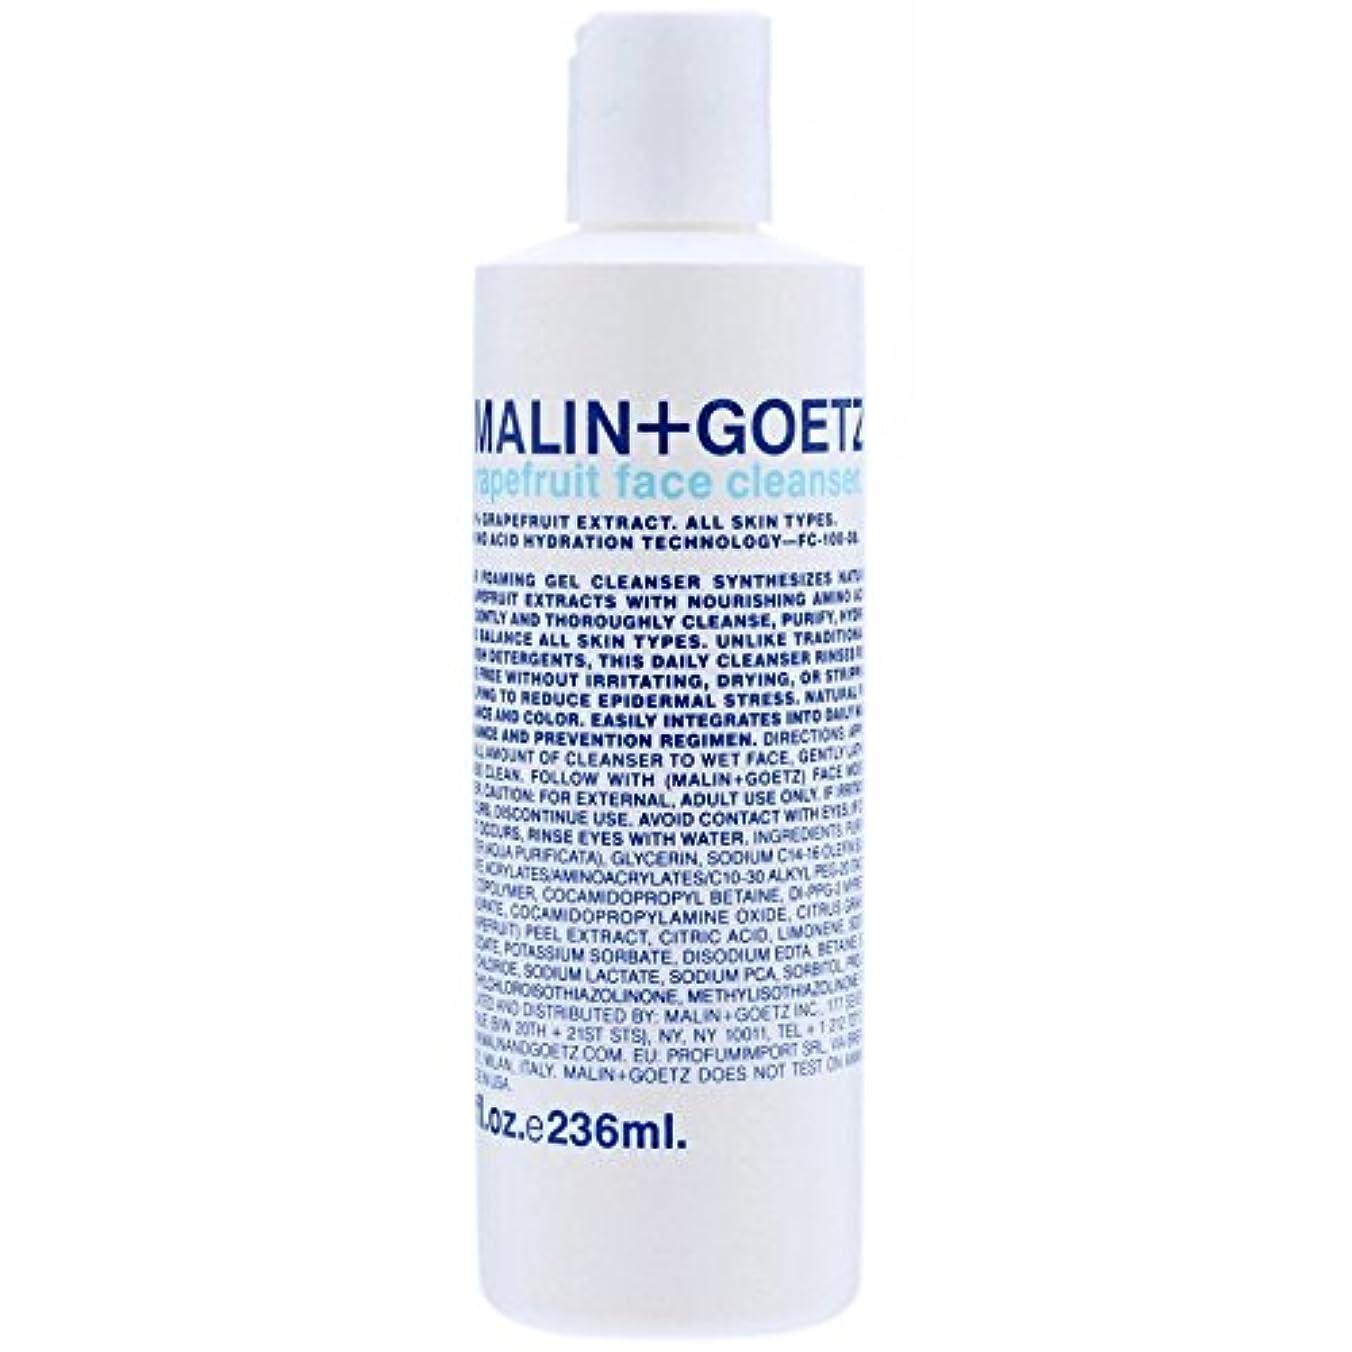 めんどり絶滅した反発するマリン+ゲッツグレープフルーツフェイスクレンザー x2 - MALIN+GOETZ Grapefruit Face Cleanser (Pack of 2) [並行輸入品]